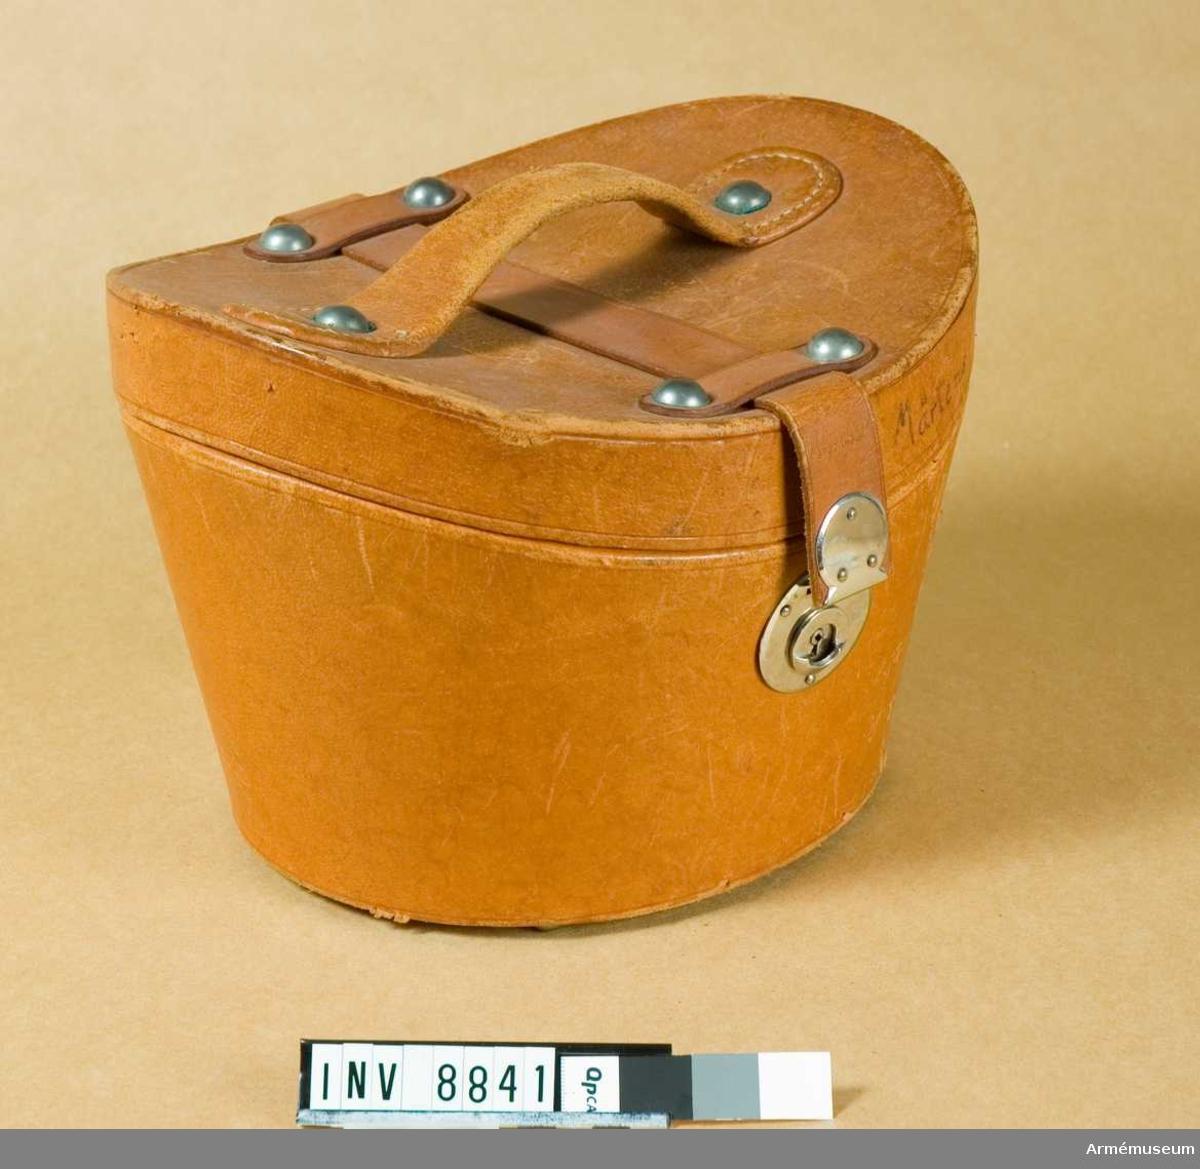 Höjd fram 160 mm. Höjd bak 160 mm. Höjd sida 190 mm.Av brunt läder formad för käppin med konkavt lock med handtag och rem som går att låsa på framsidan. Locket märkt  Mårtens A 3.